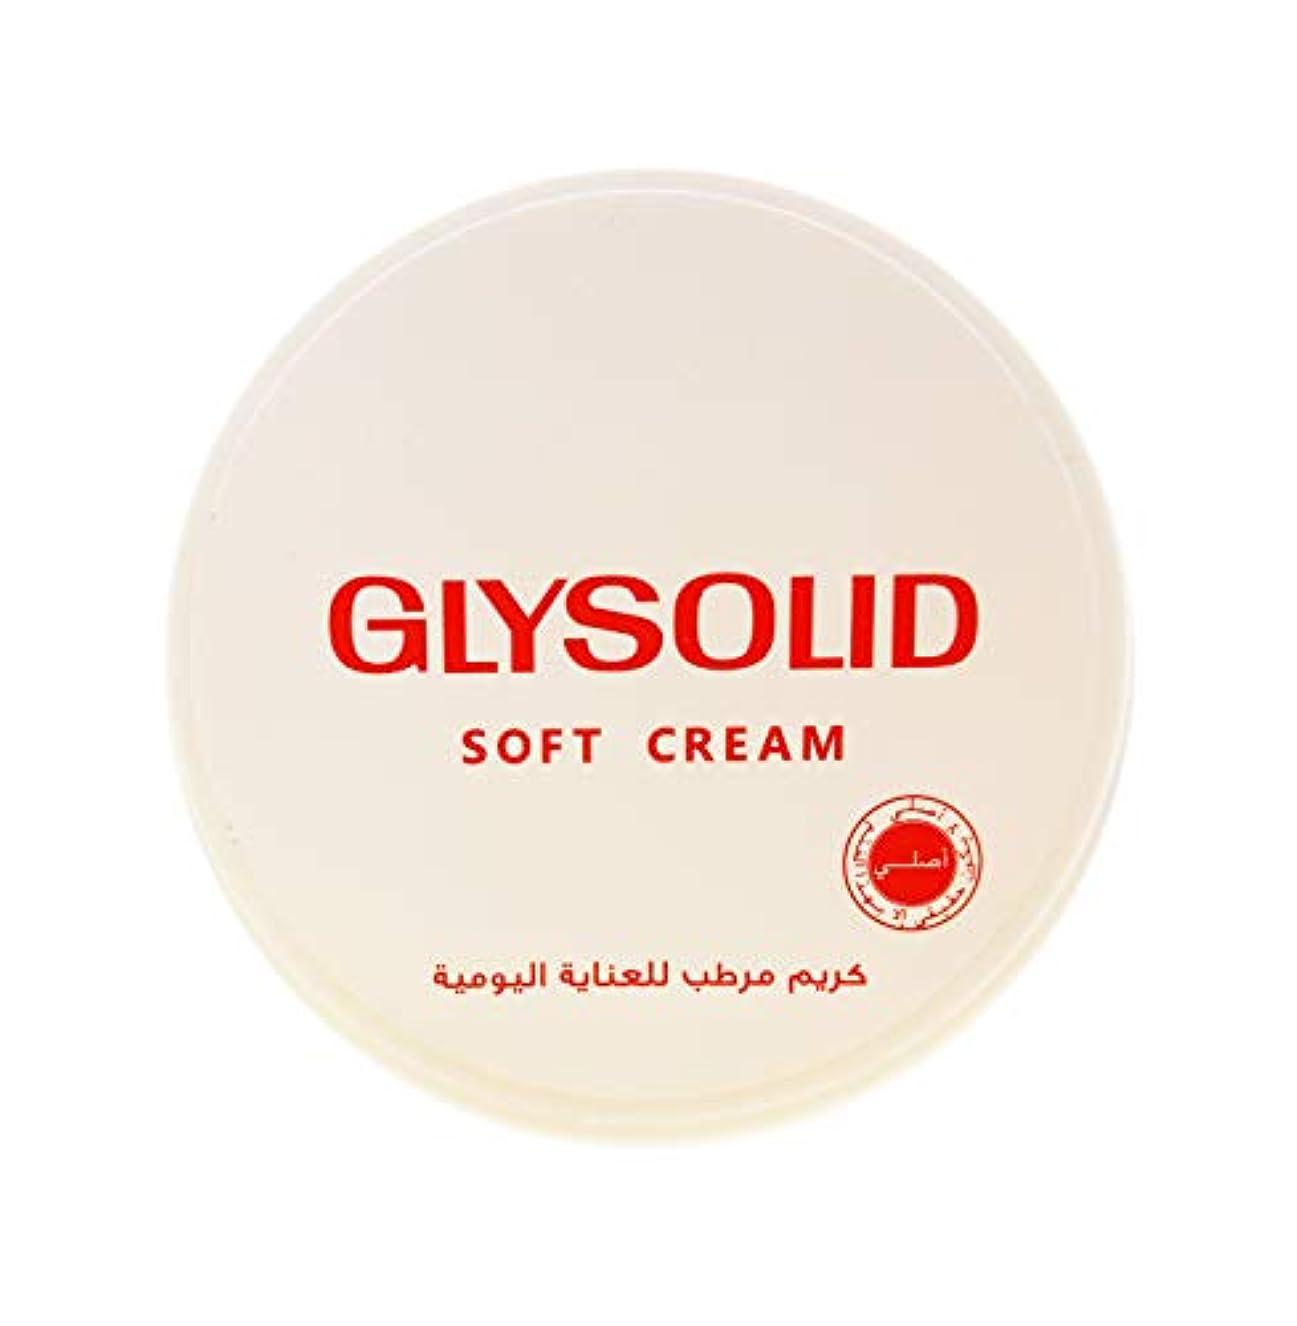 悲惨な資格鉄道駅Glysolid Soft Cream Moisturizers For Dry Skin Face Hands Feet Elbow Body Softening With Glycerin Keeping Your...